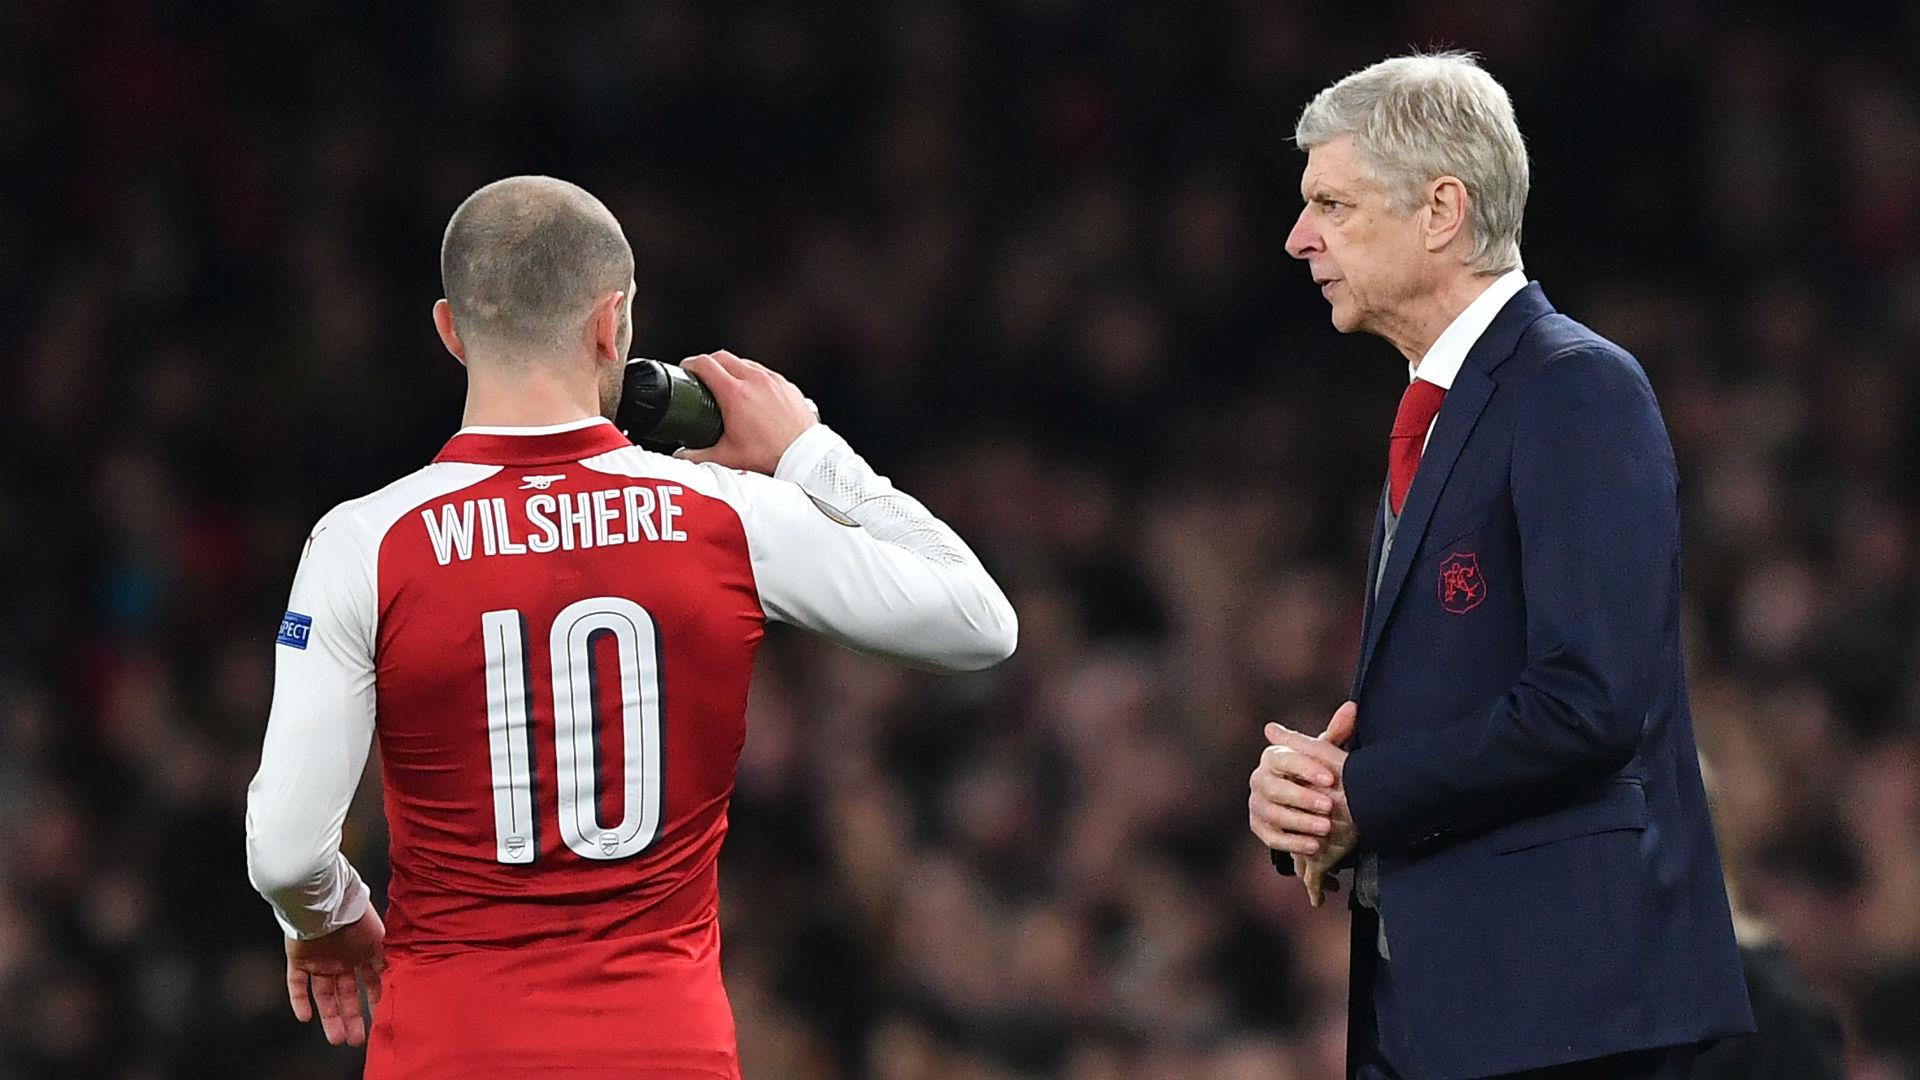 Wilshere Wenger Arsenal Milan